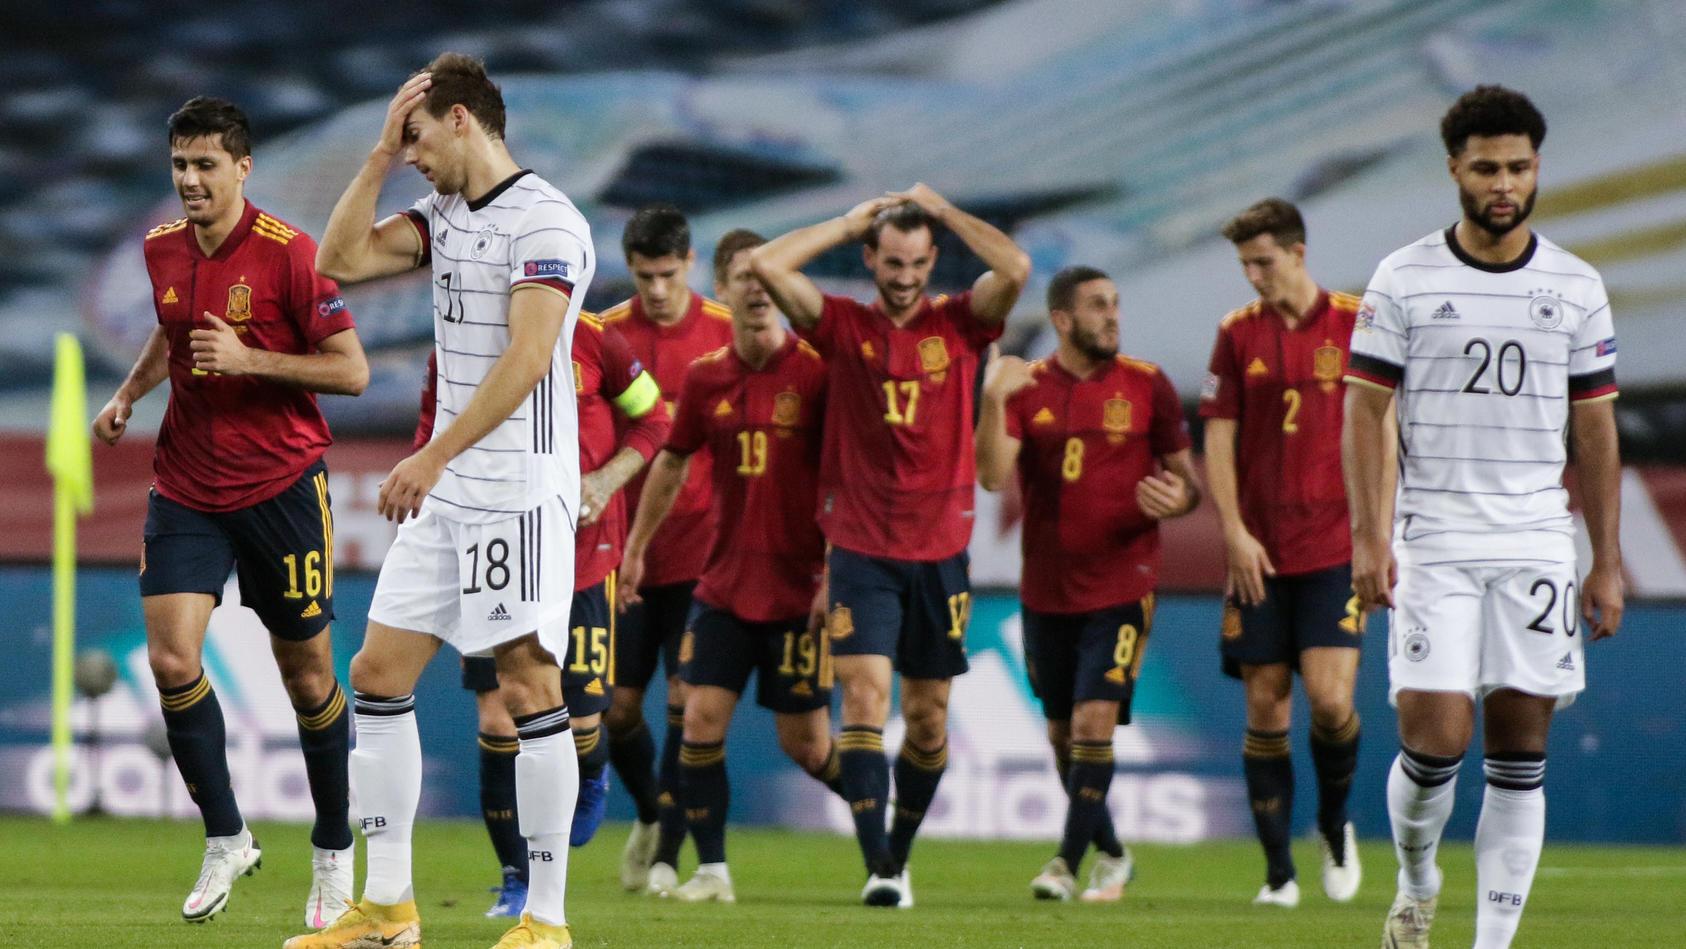 Fassungslosigkeit pur: Dieser Auftritt der Deutschen Nationalmannschaft wird in die Geschichte eingehen - als unrühmlicher Tiefpunkt.